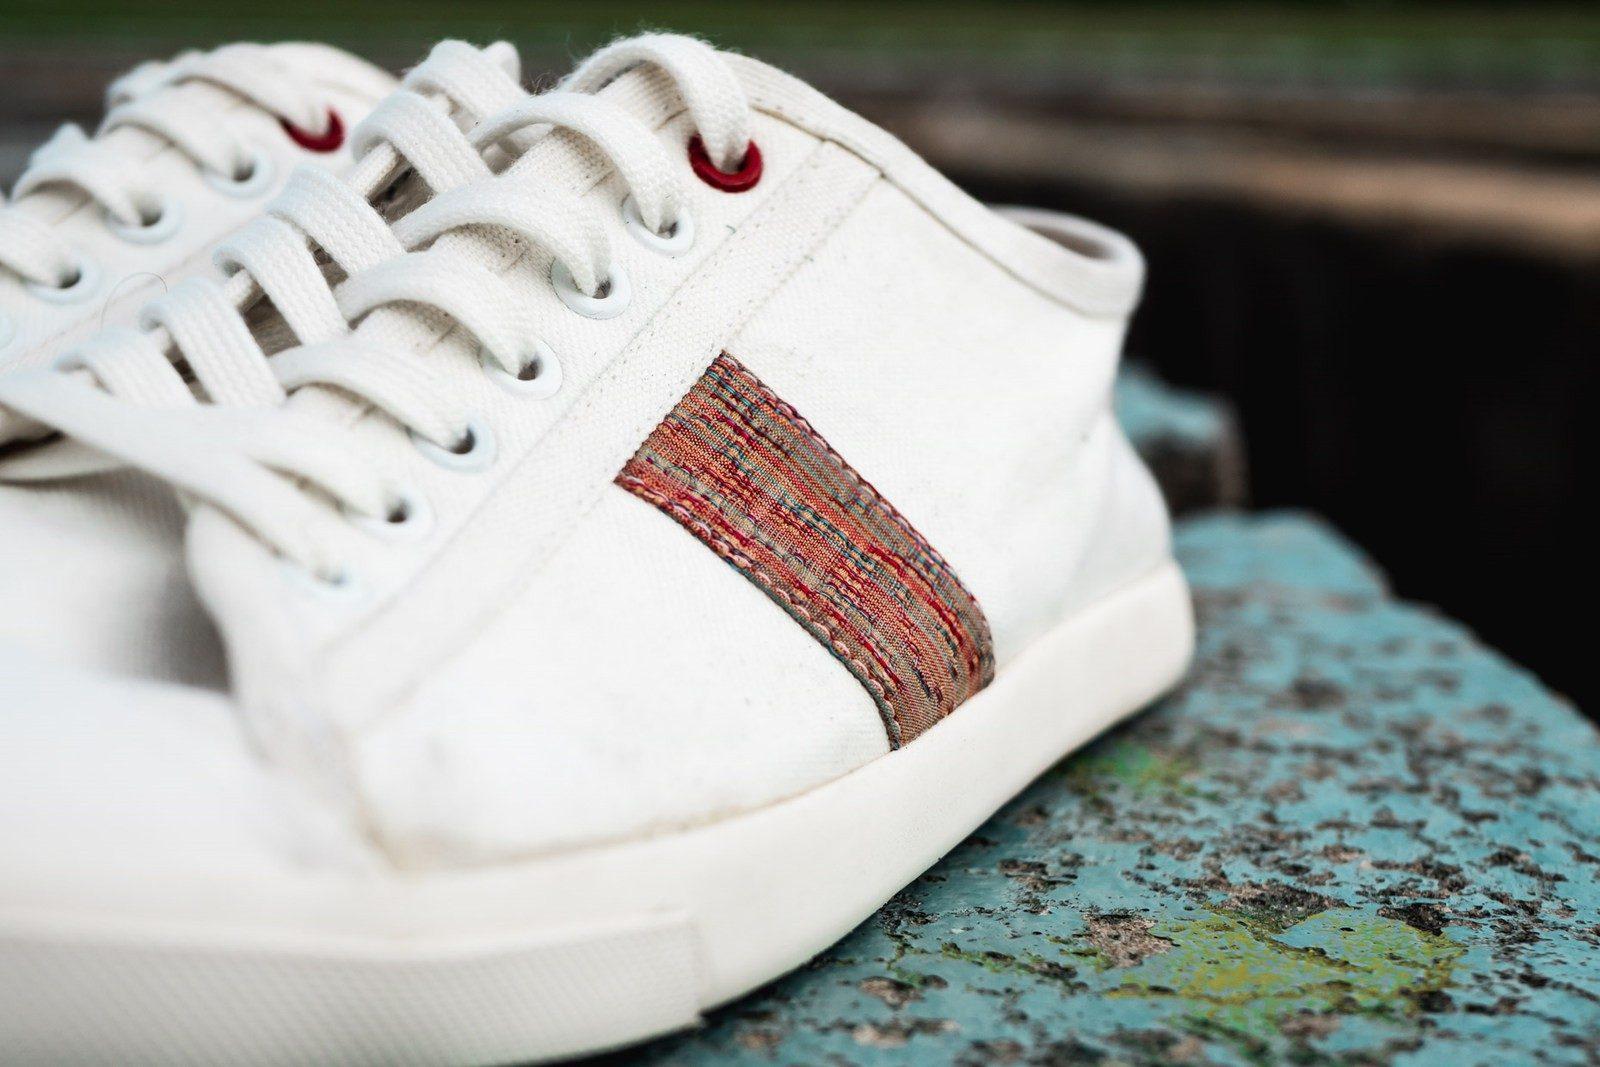 WiWi Shoes - Sneakers en coton biologique certifié GOTS et semelle en pneu recyclé - Modèle Loewy homme - Buenos Aires - détail 3_4 avant - pas portées